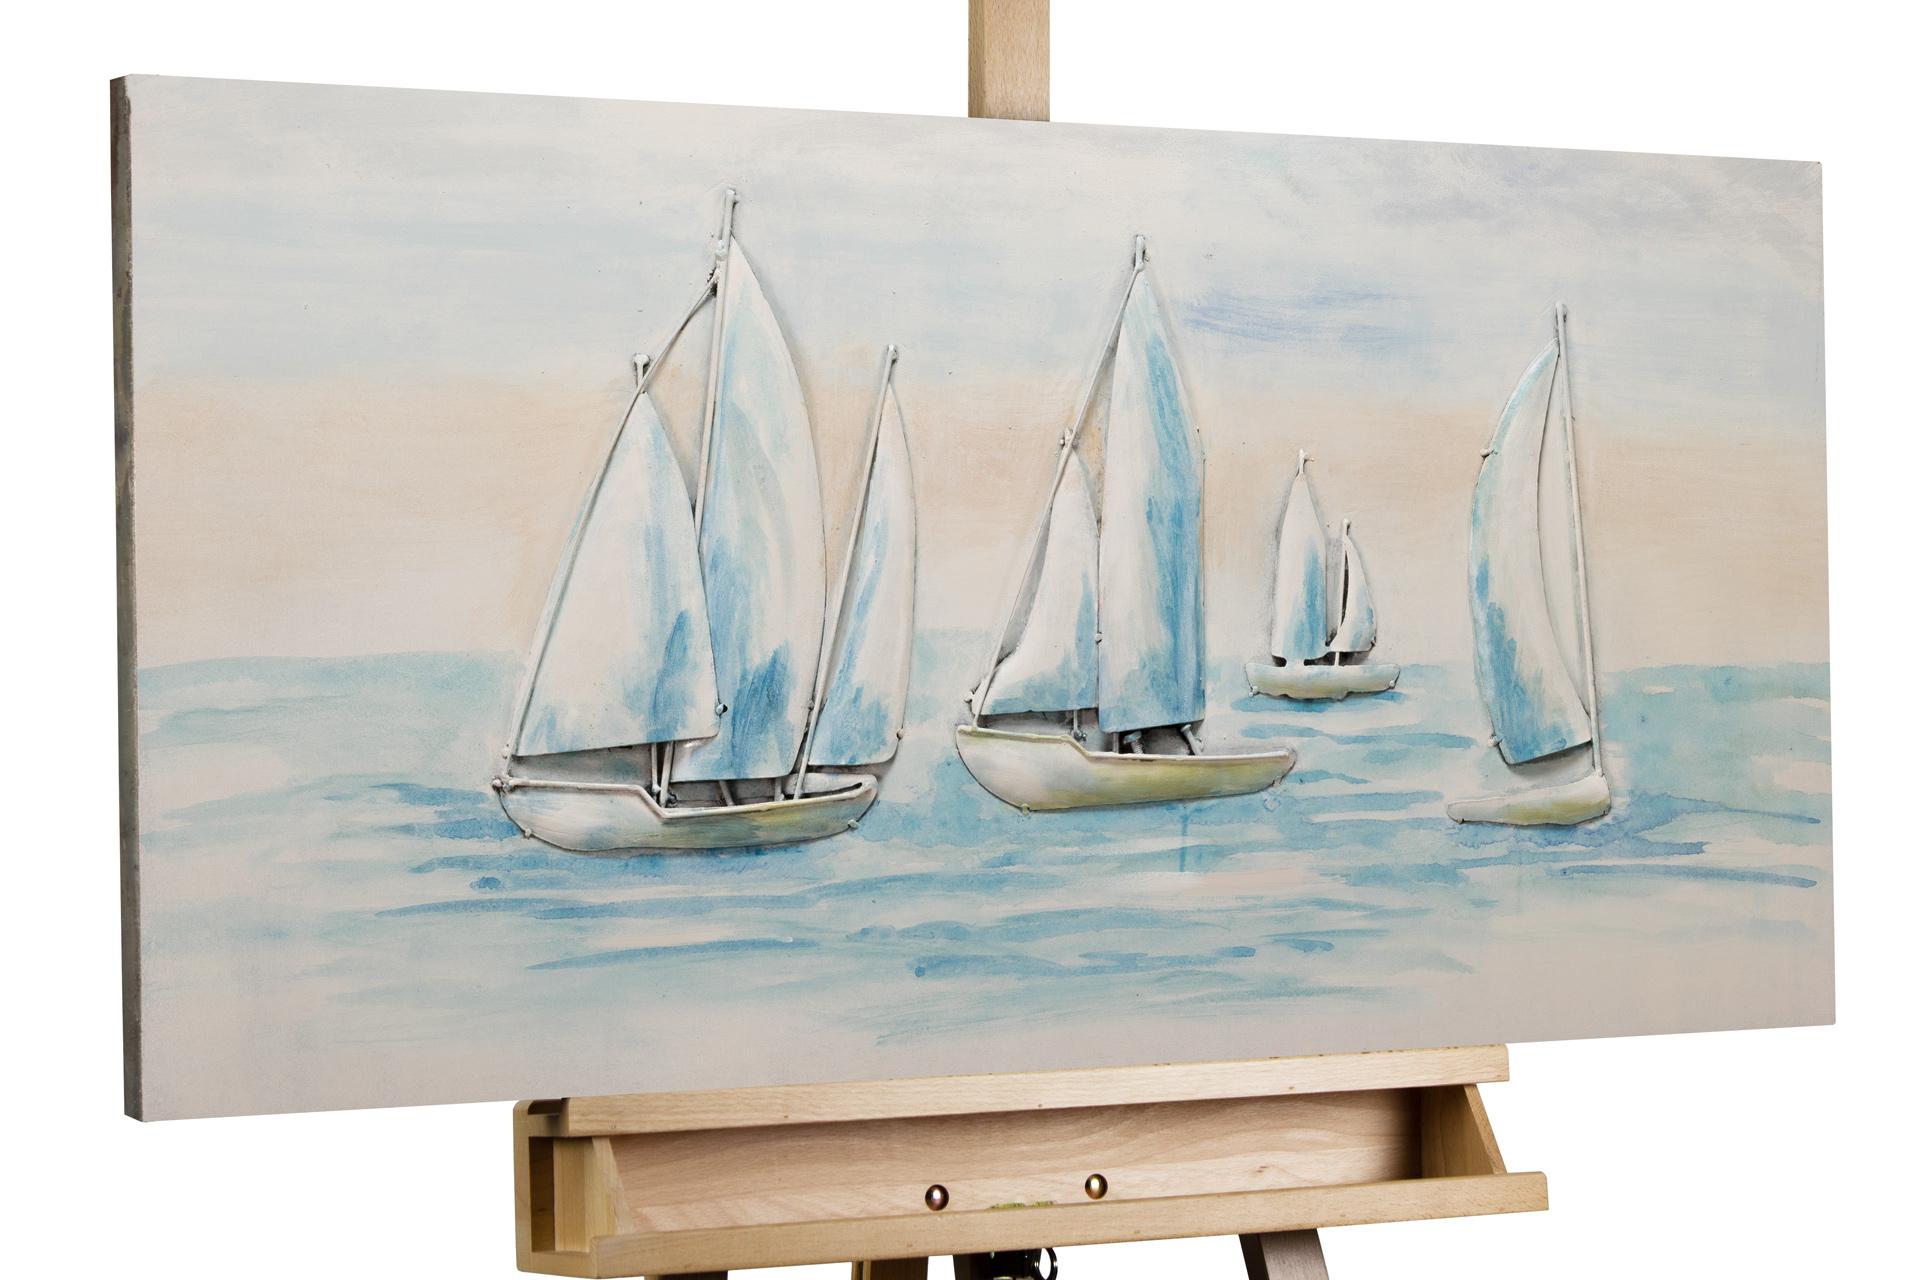 kl segelboote weiss blau metall bilder metall wandbilder wanddeko wandskulptur 01